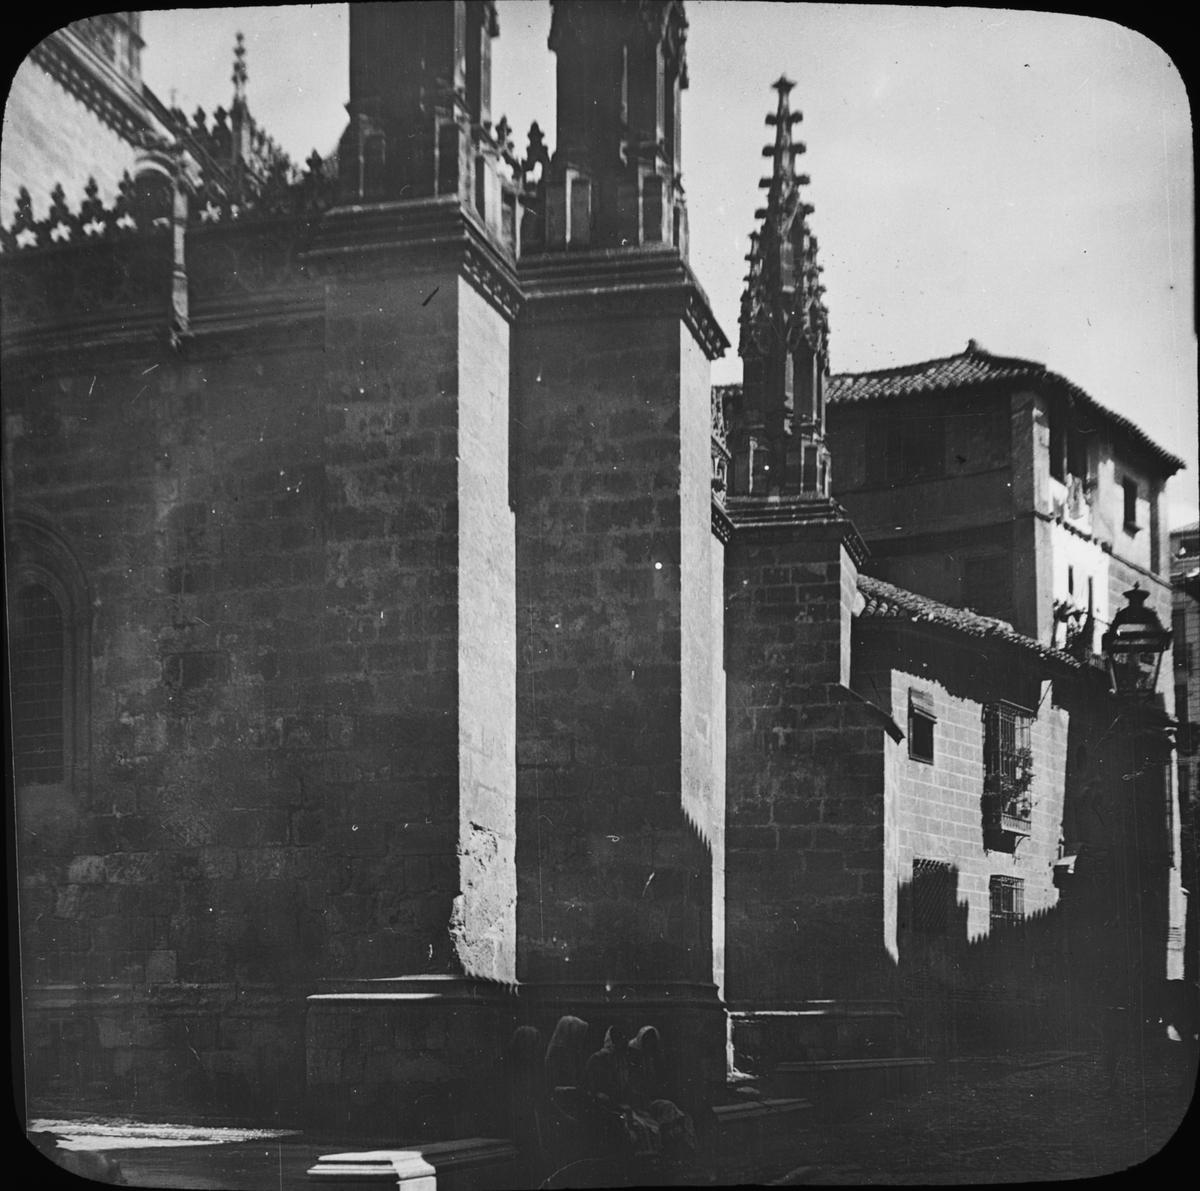 """Skioptikonbild med motiv av Katedralen i Granada. Bilden har förvarats i kartong märkt: Höstresan 1910. Granada 9. No 9. Text på bild: """"Katedralen""""."""